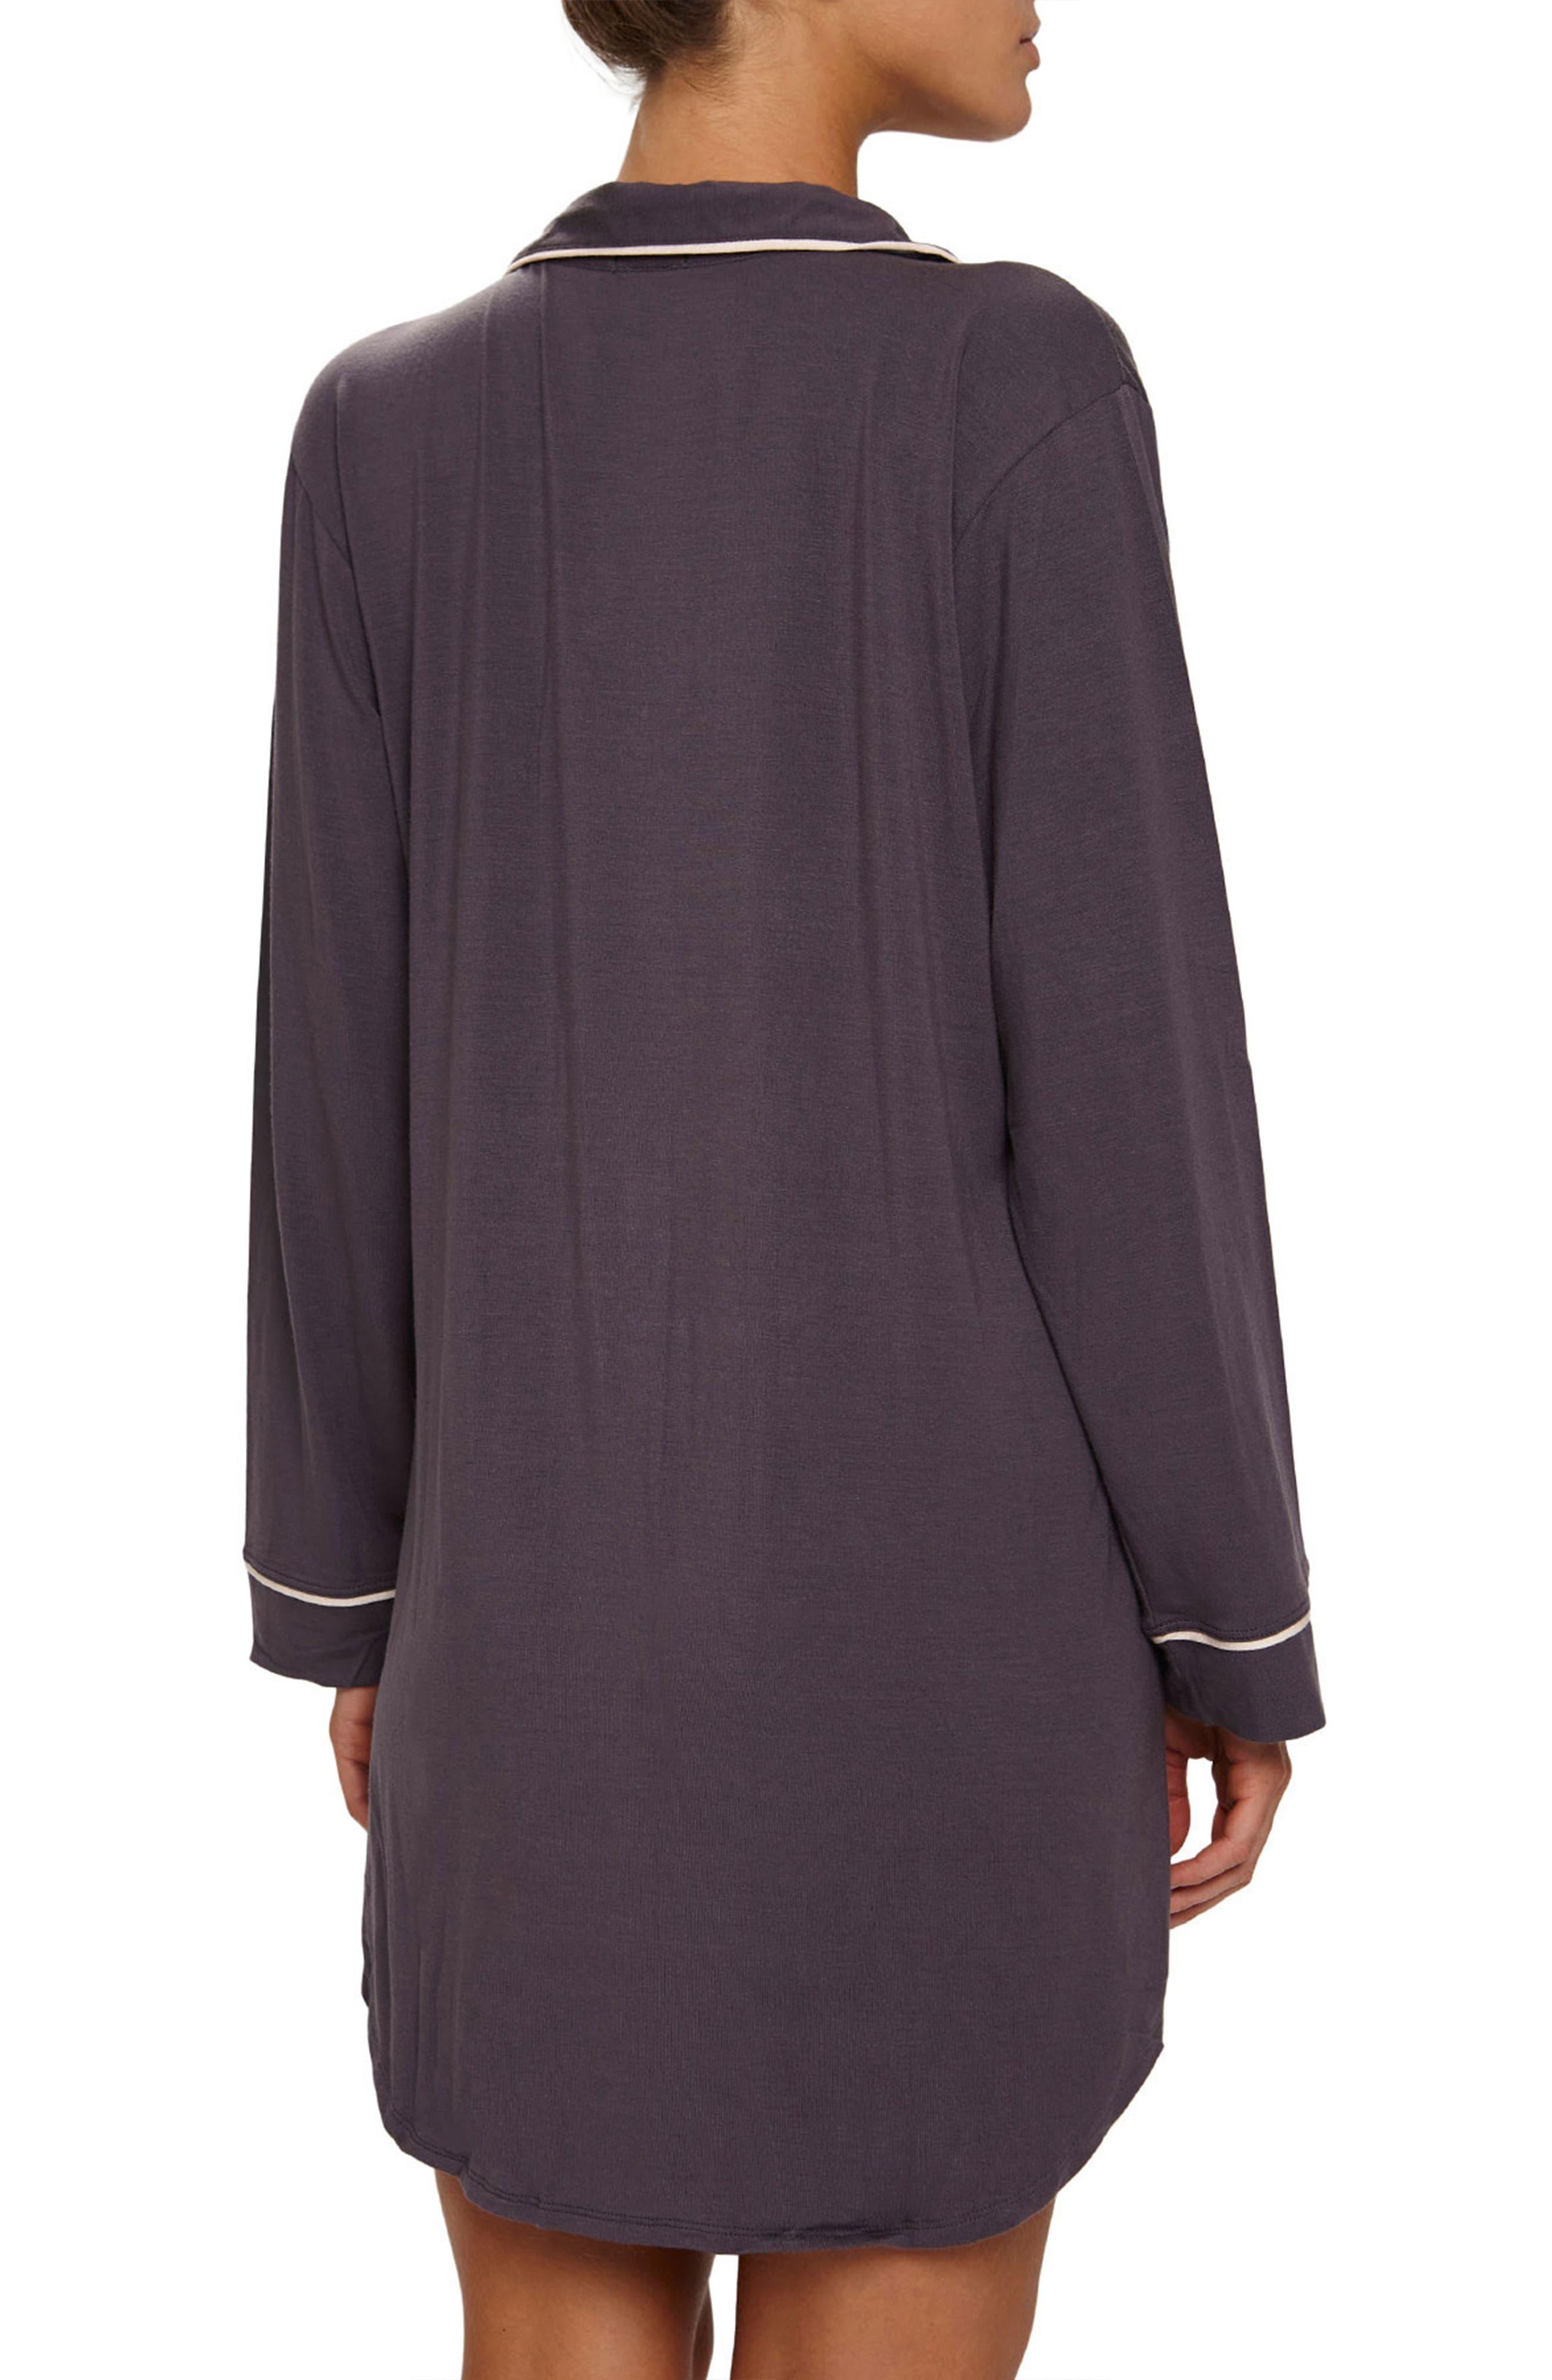 Alternate Image 2  - Eberjey Gisele Stretch Jersey Sleep Shirt